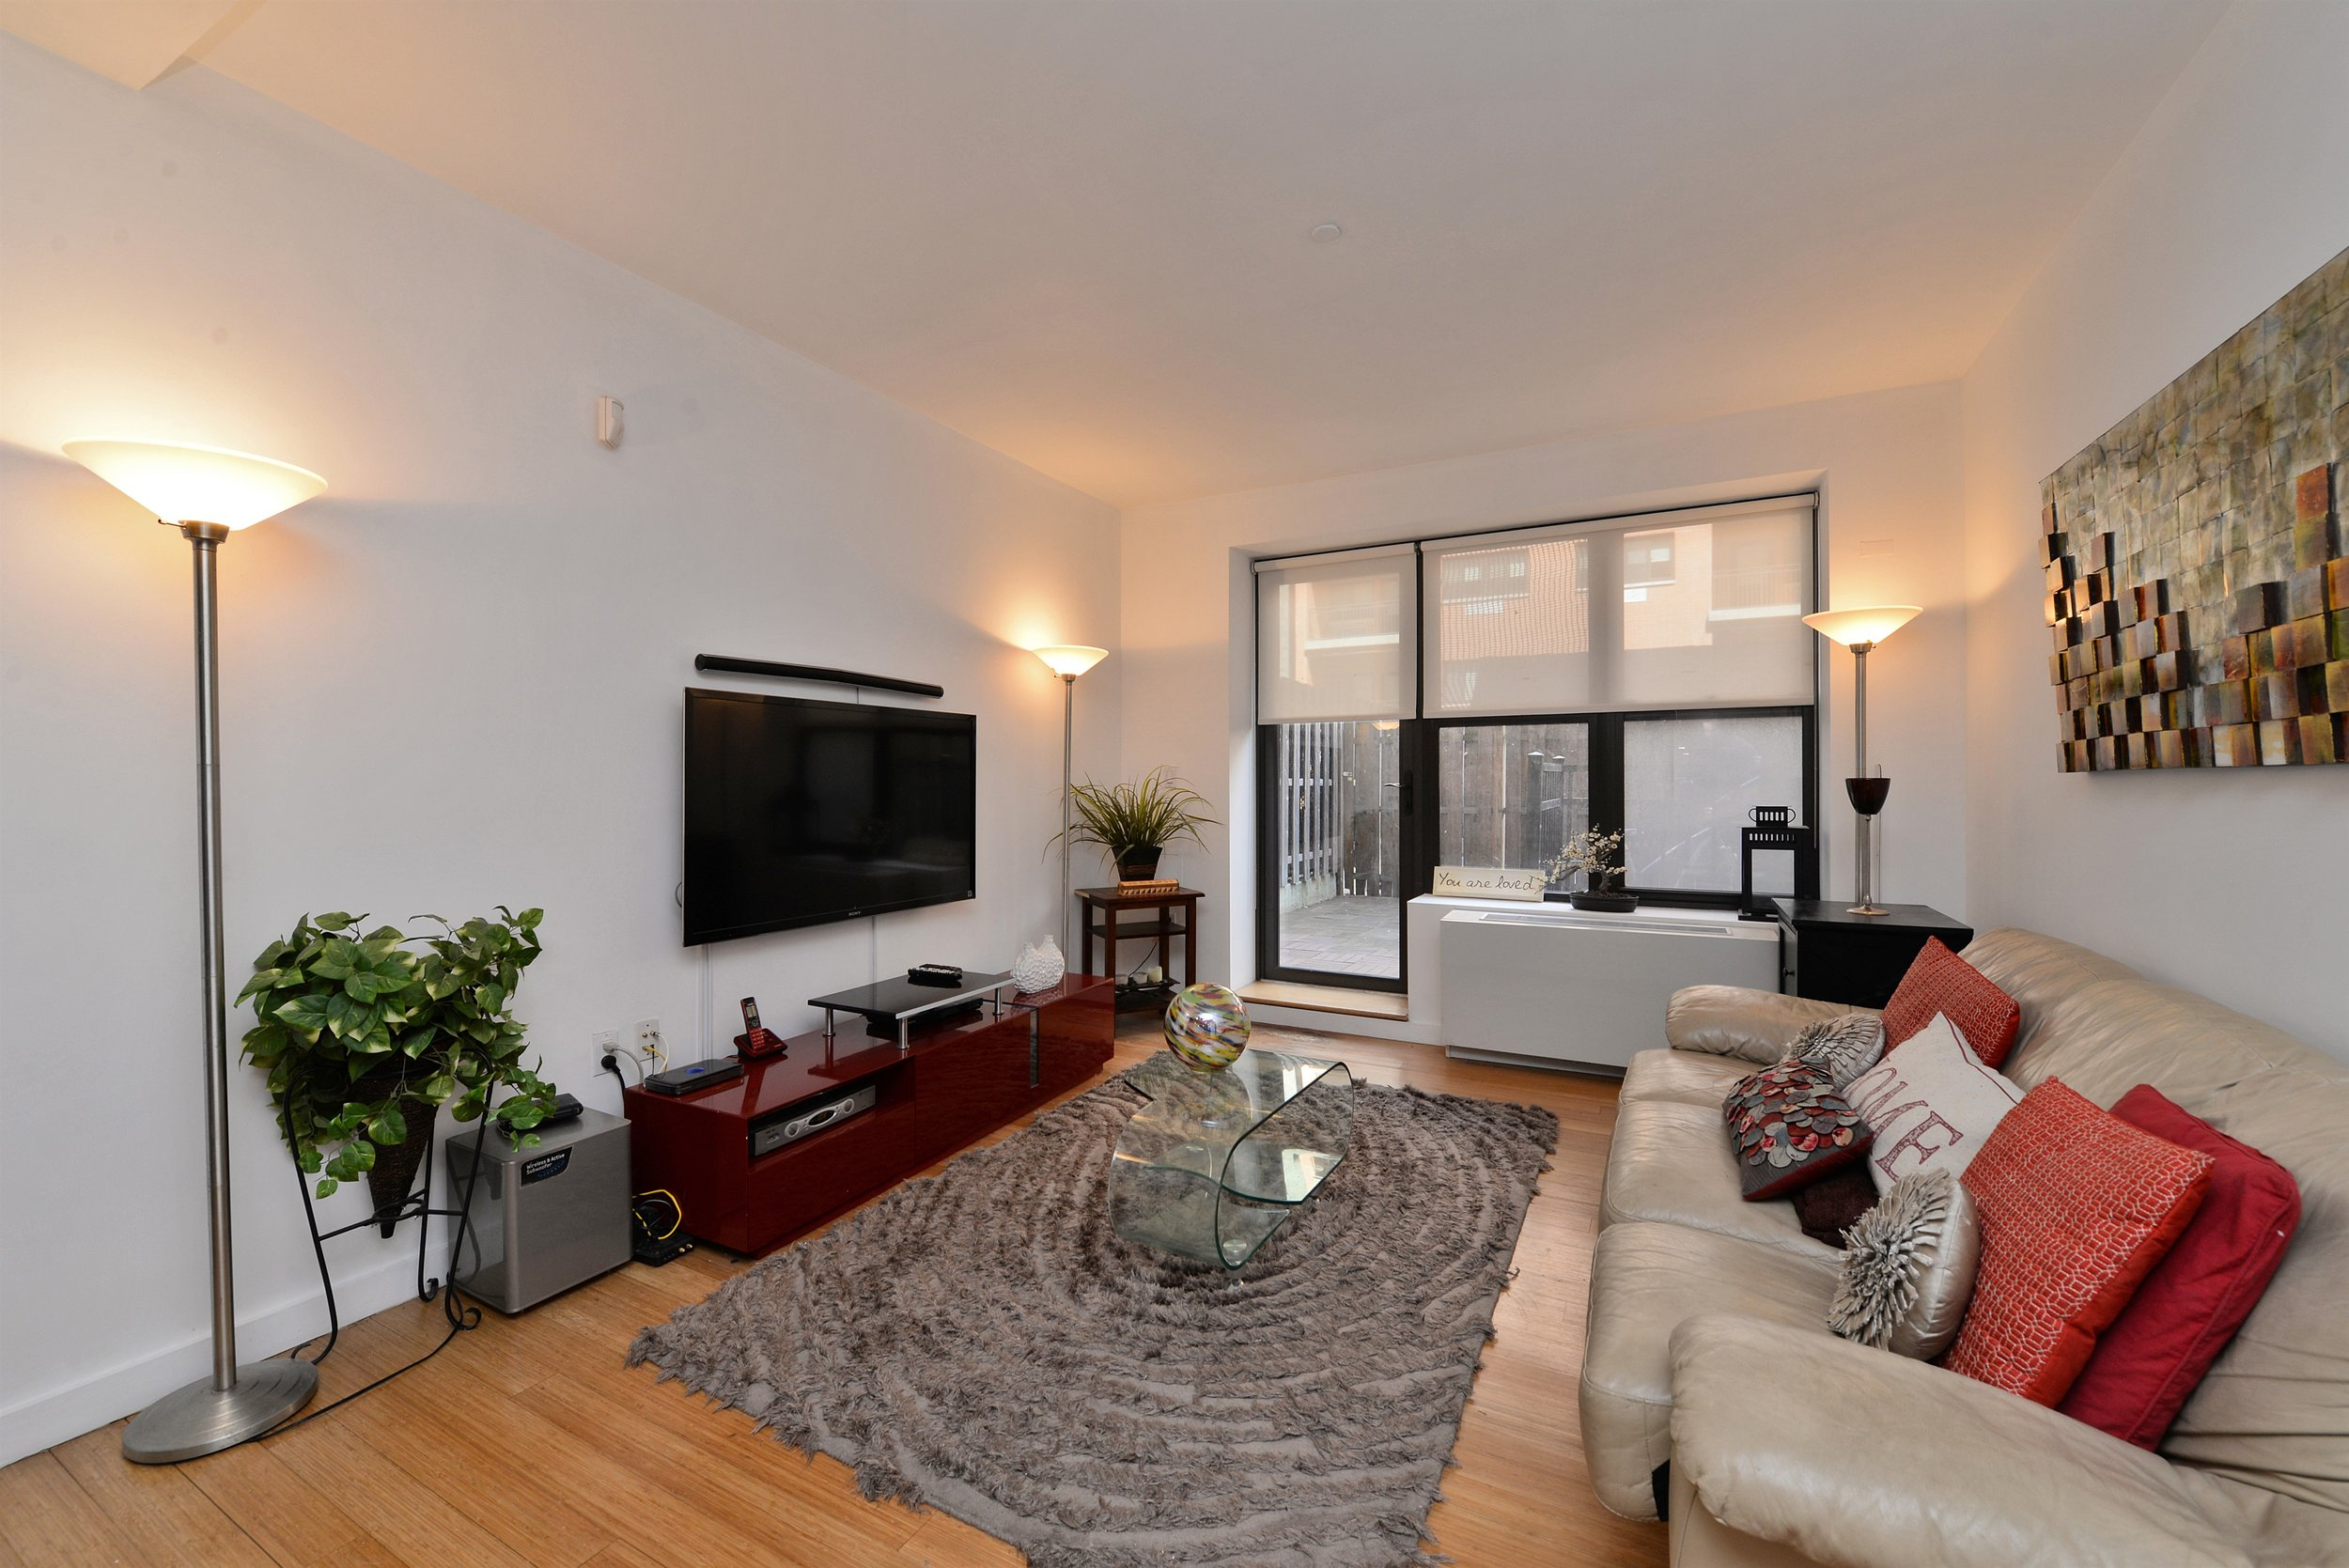 317 E 111 - Living Room.jpg